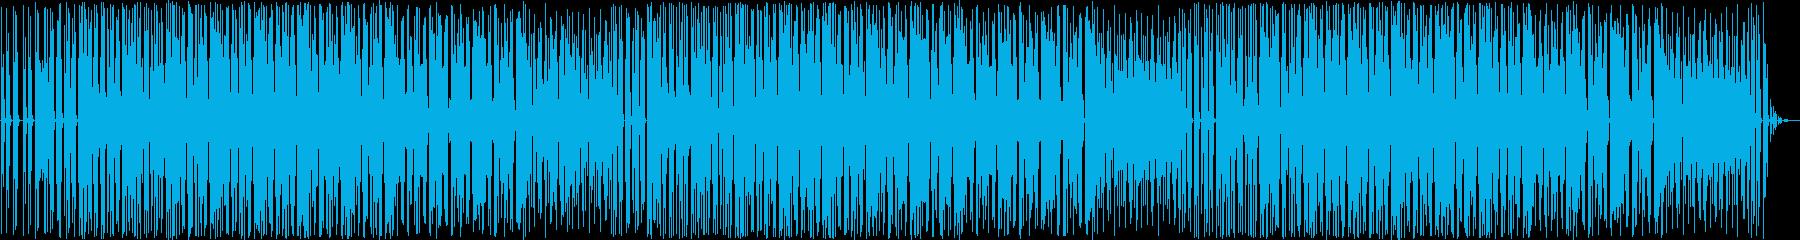 デジタルな要素の強いテクノポップの再生済みの波形